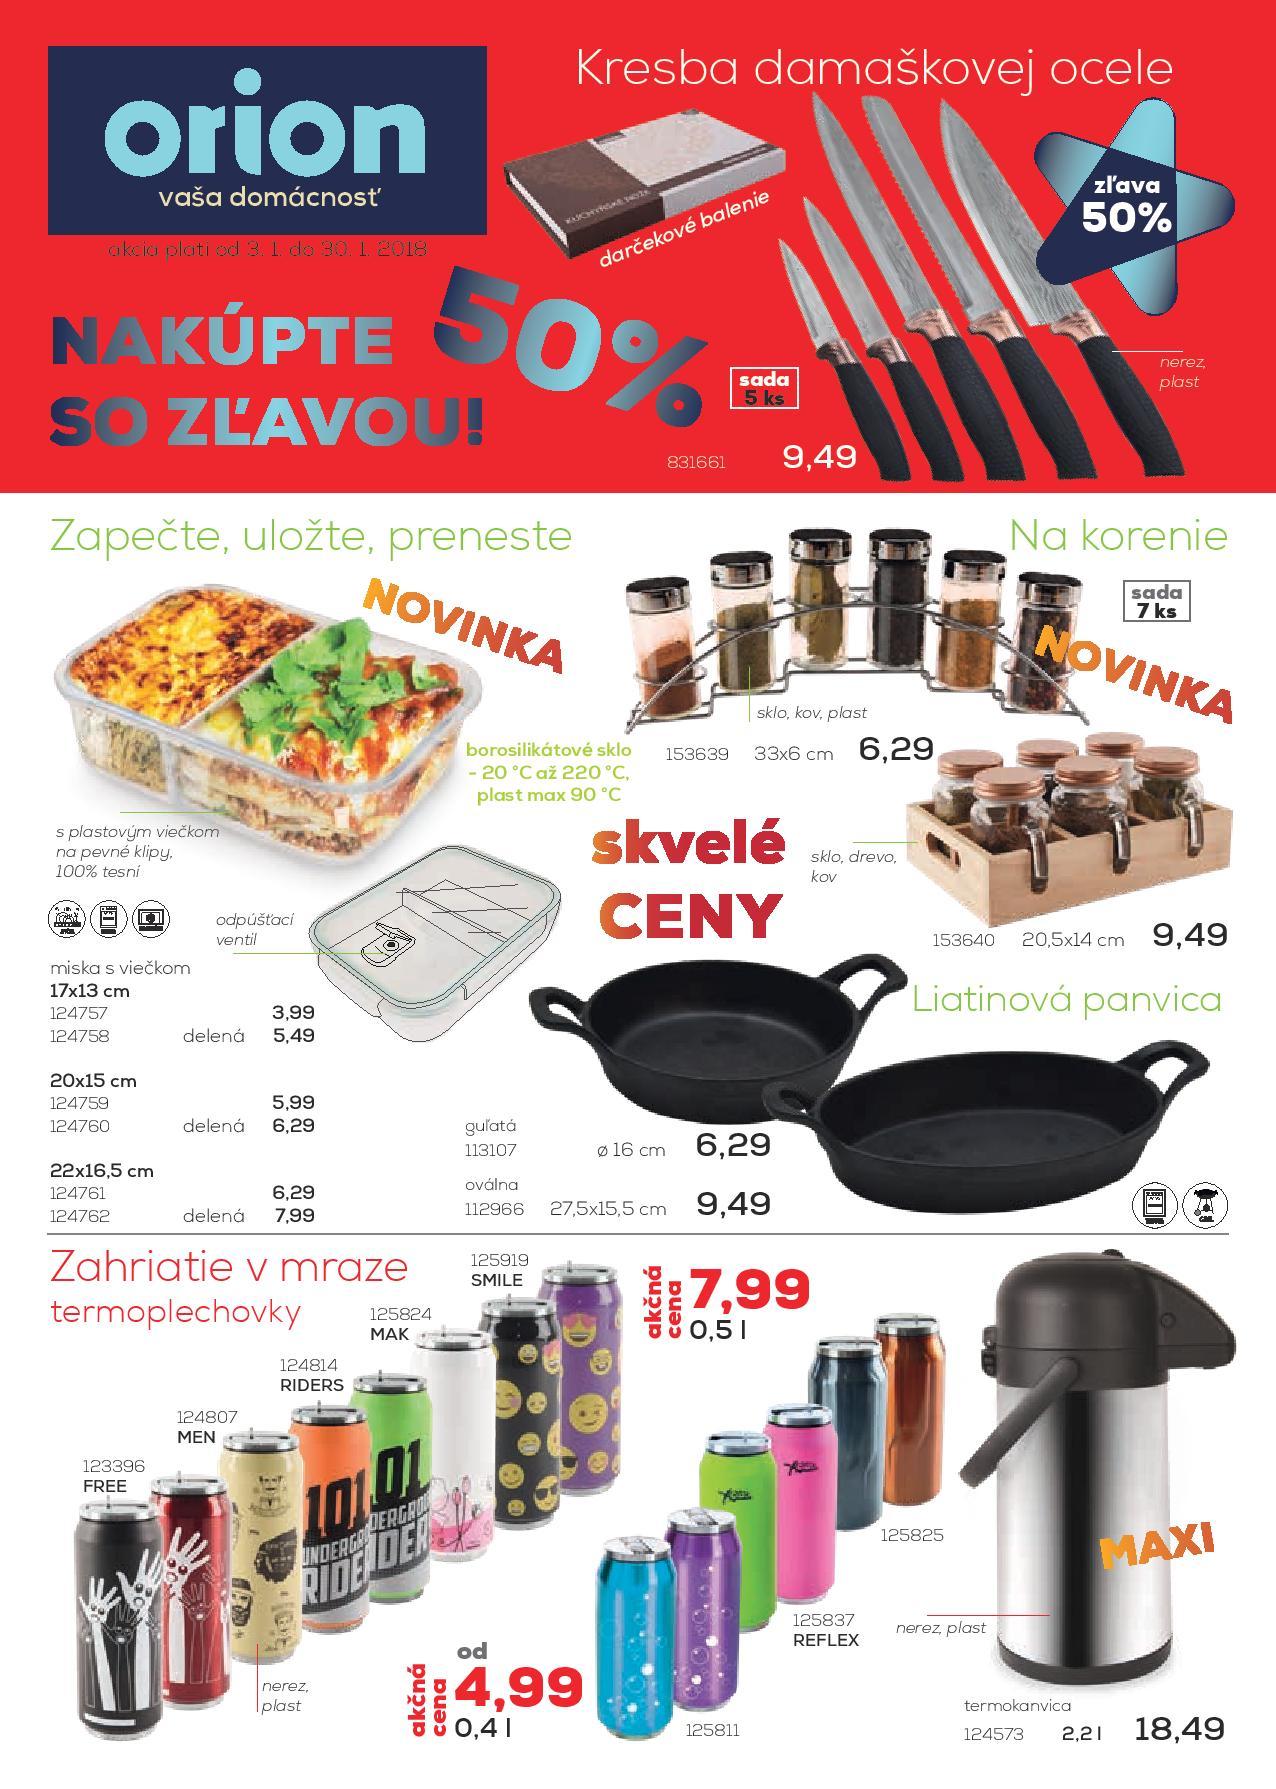 71e5328d3025 Február so skvelými cenami a originálnymi pomocníkmi nie len do kuchyne. -  fotografia č.